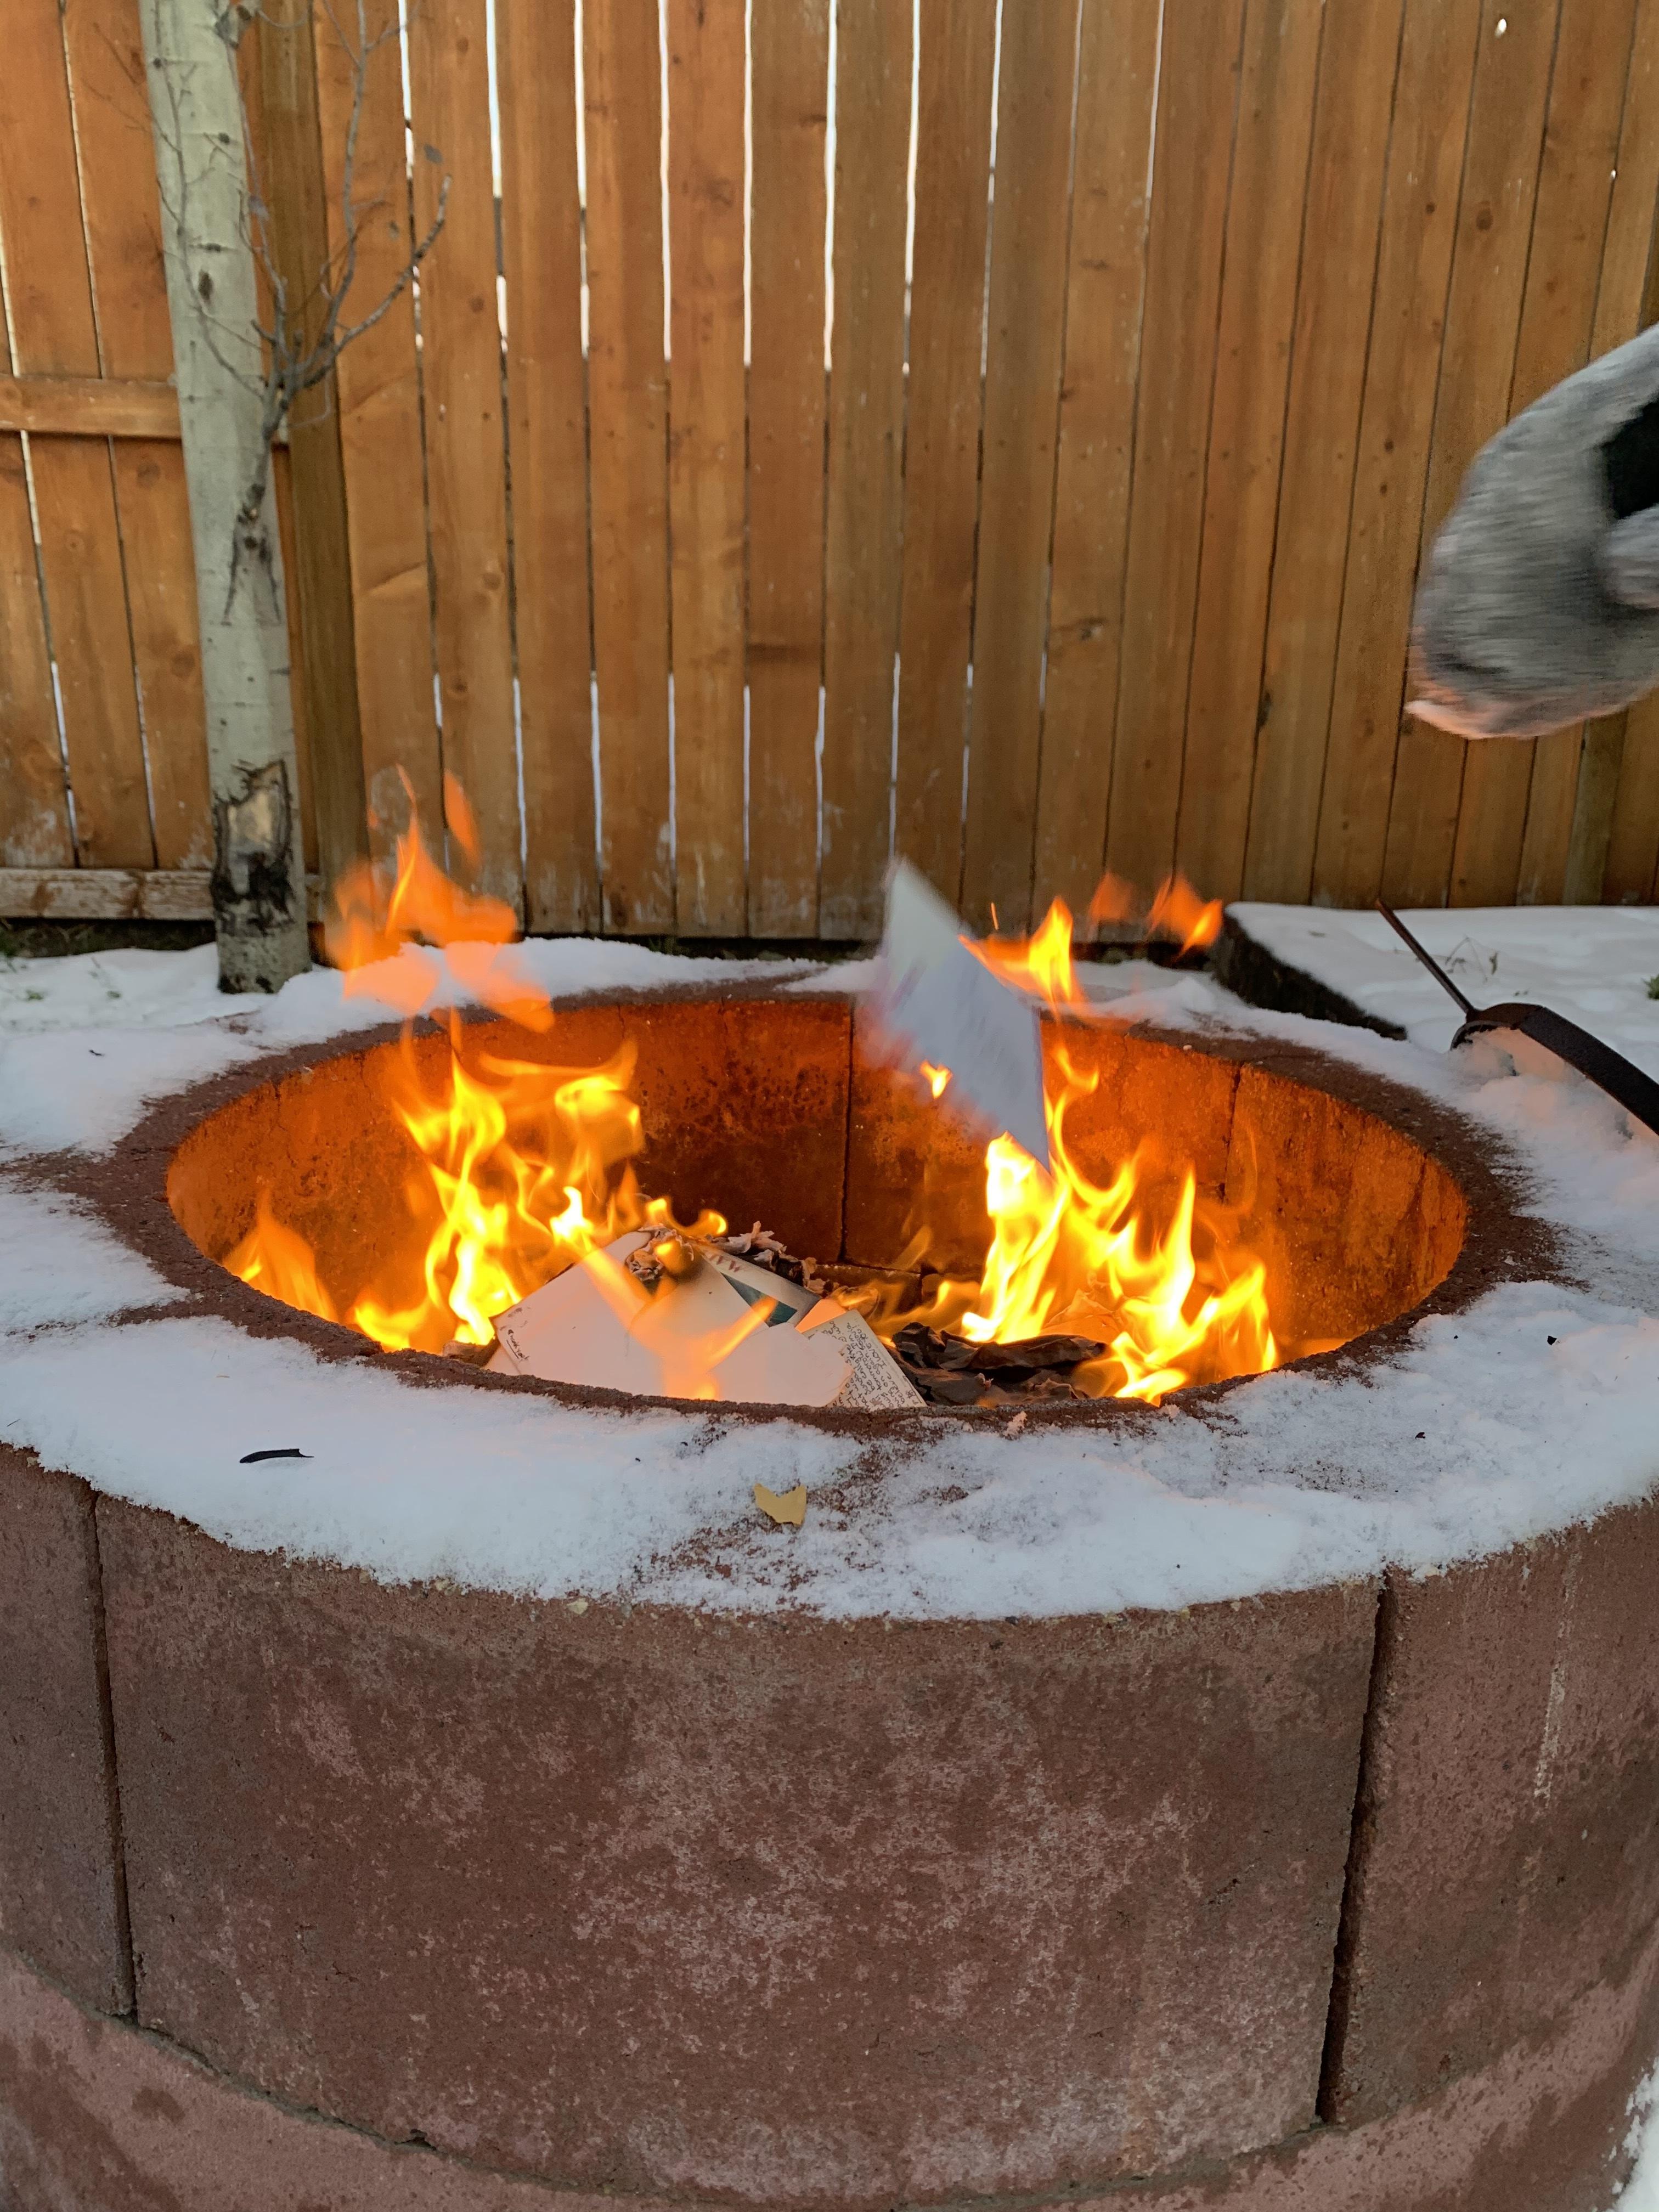 Fire toss